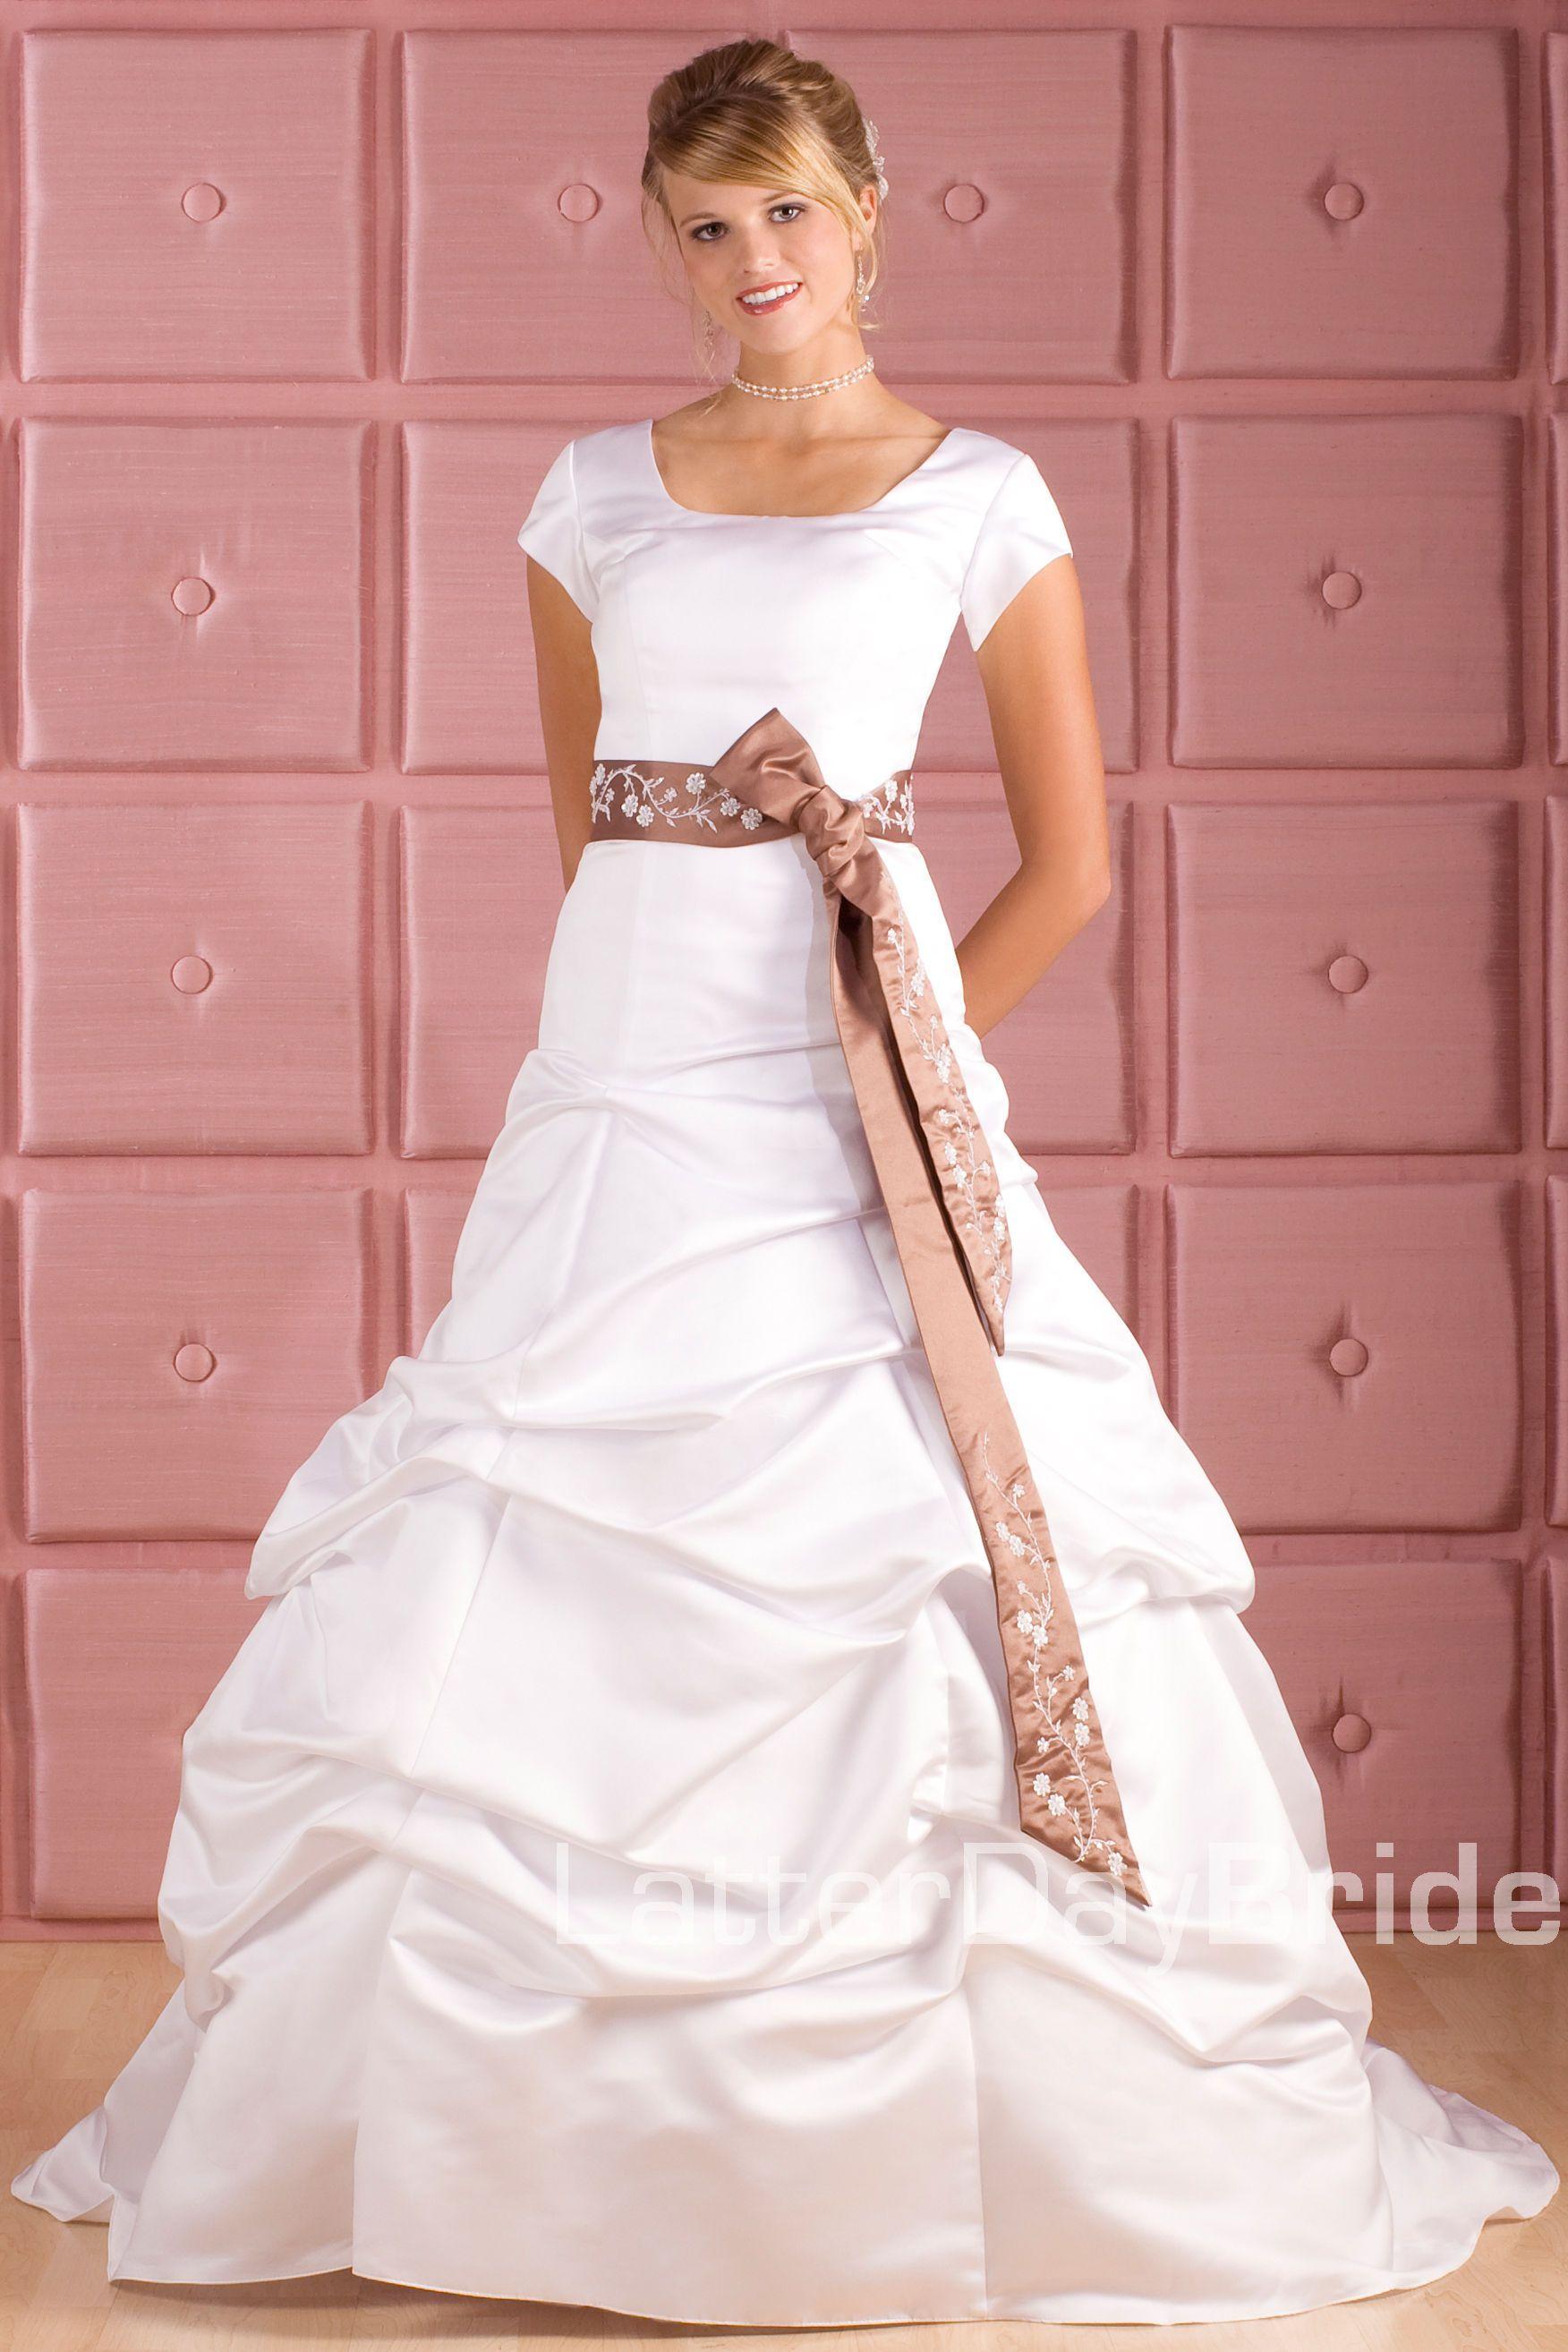 modestia para toda ocasion   Fashion pashion LDS   Pinterest ...